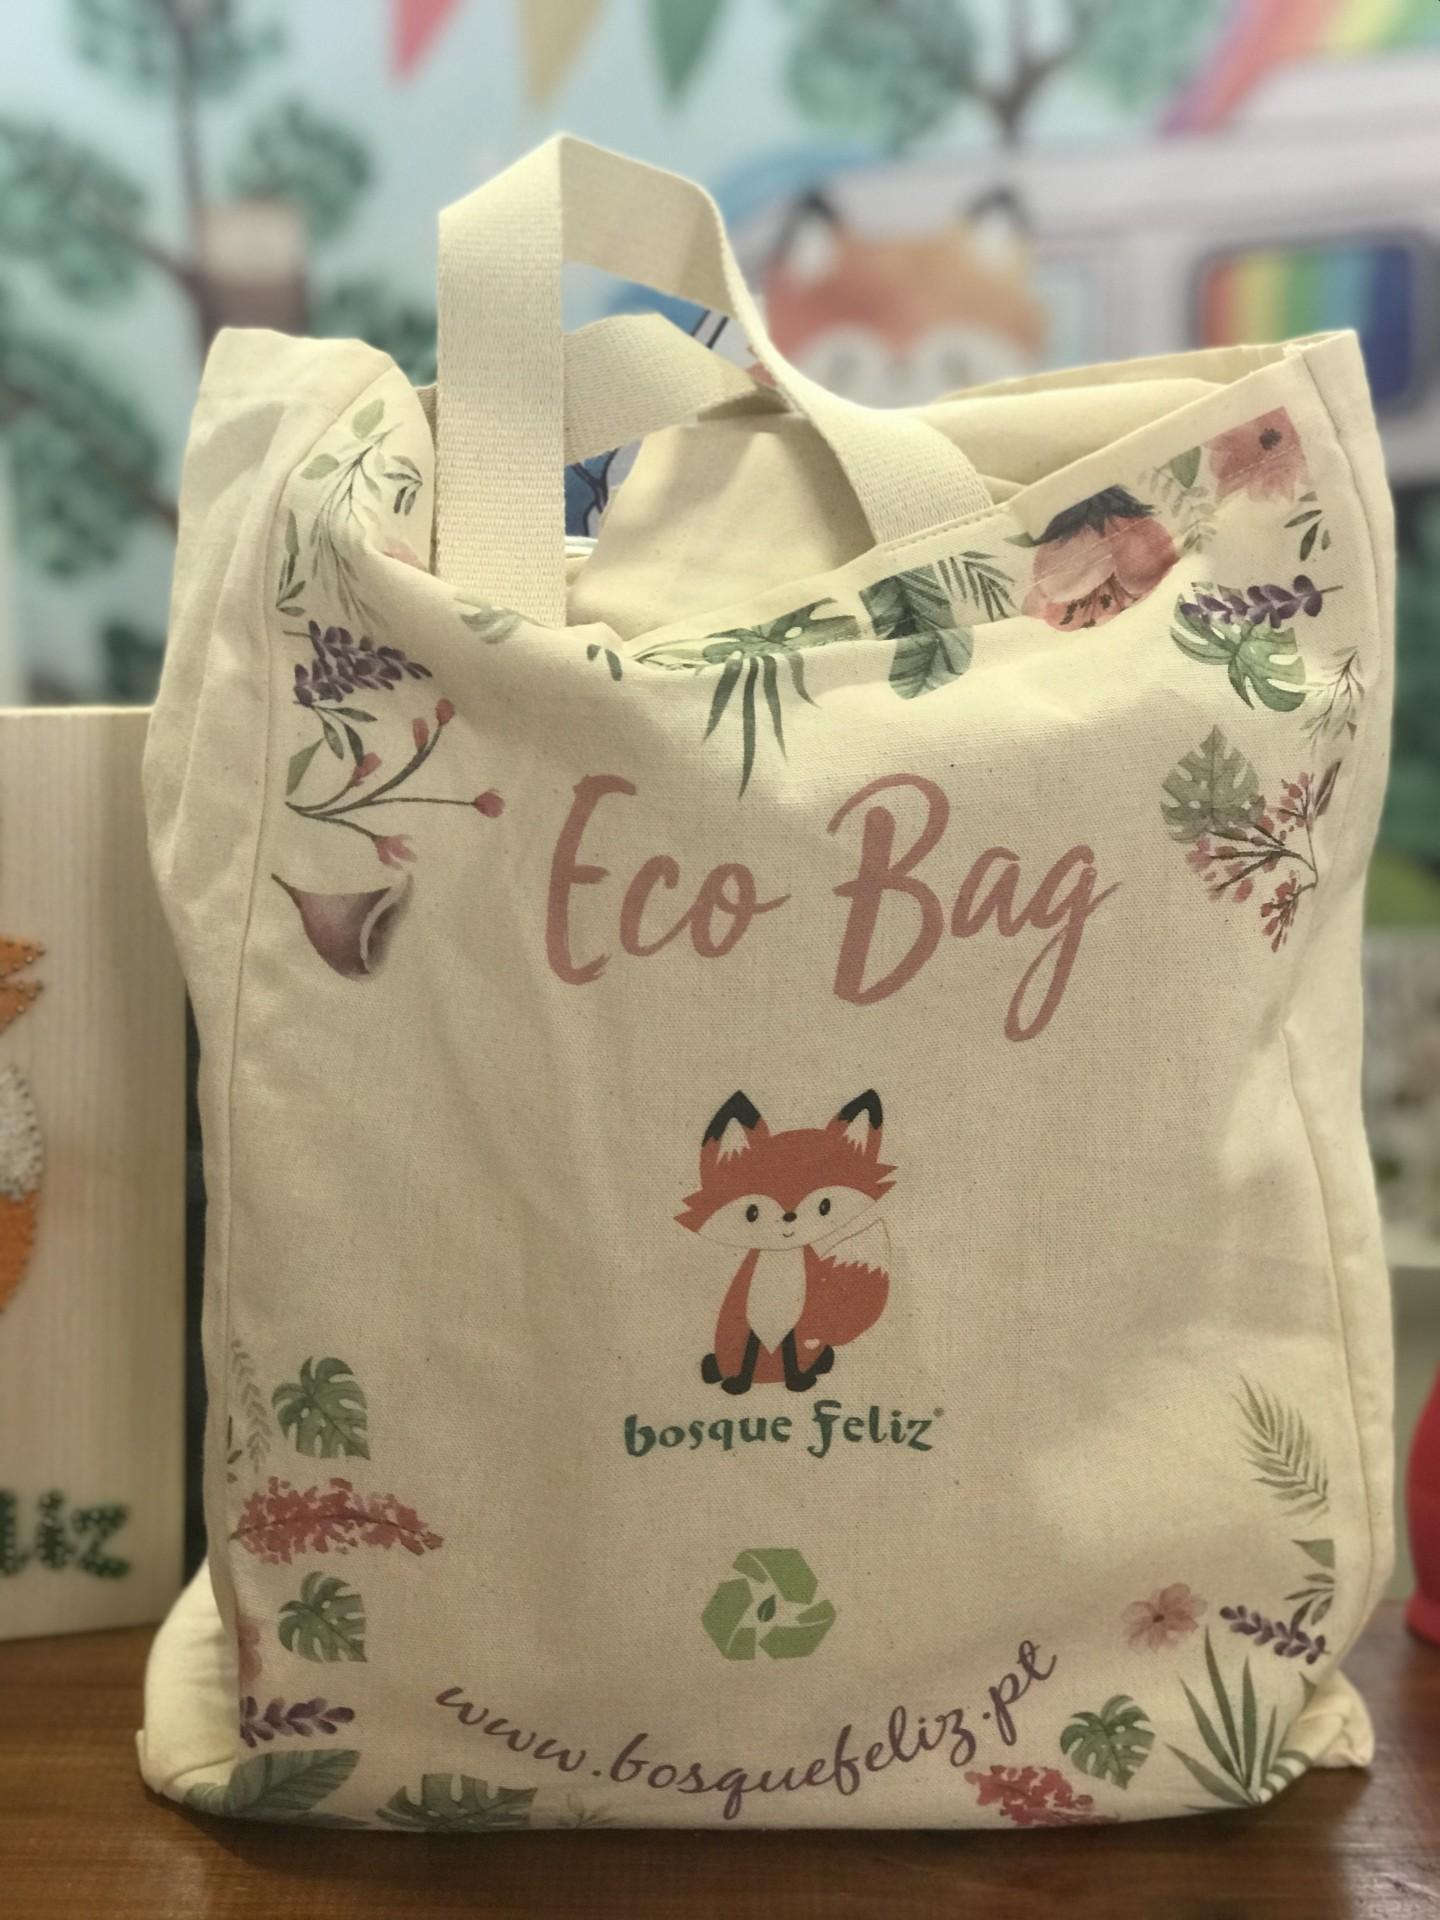 Ecobag Grande - Bosque Feliz